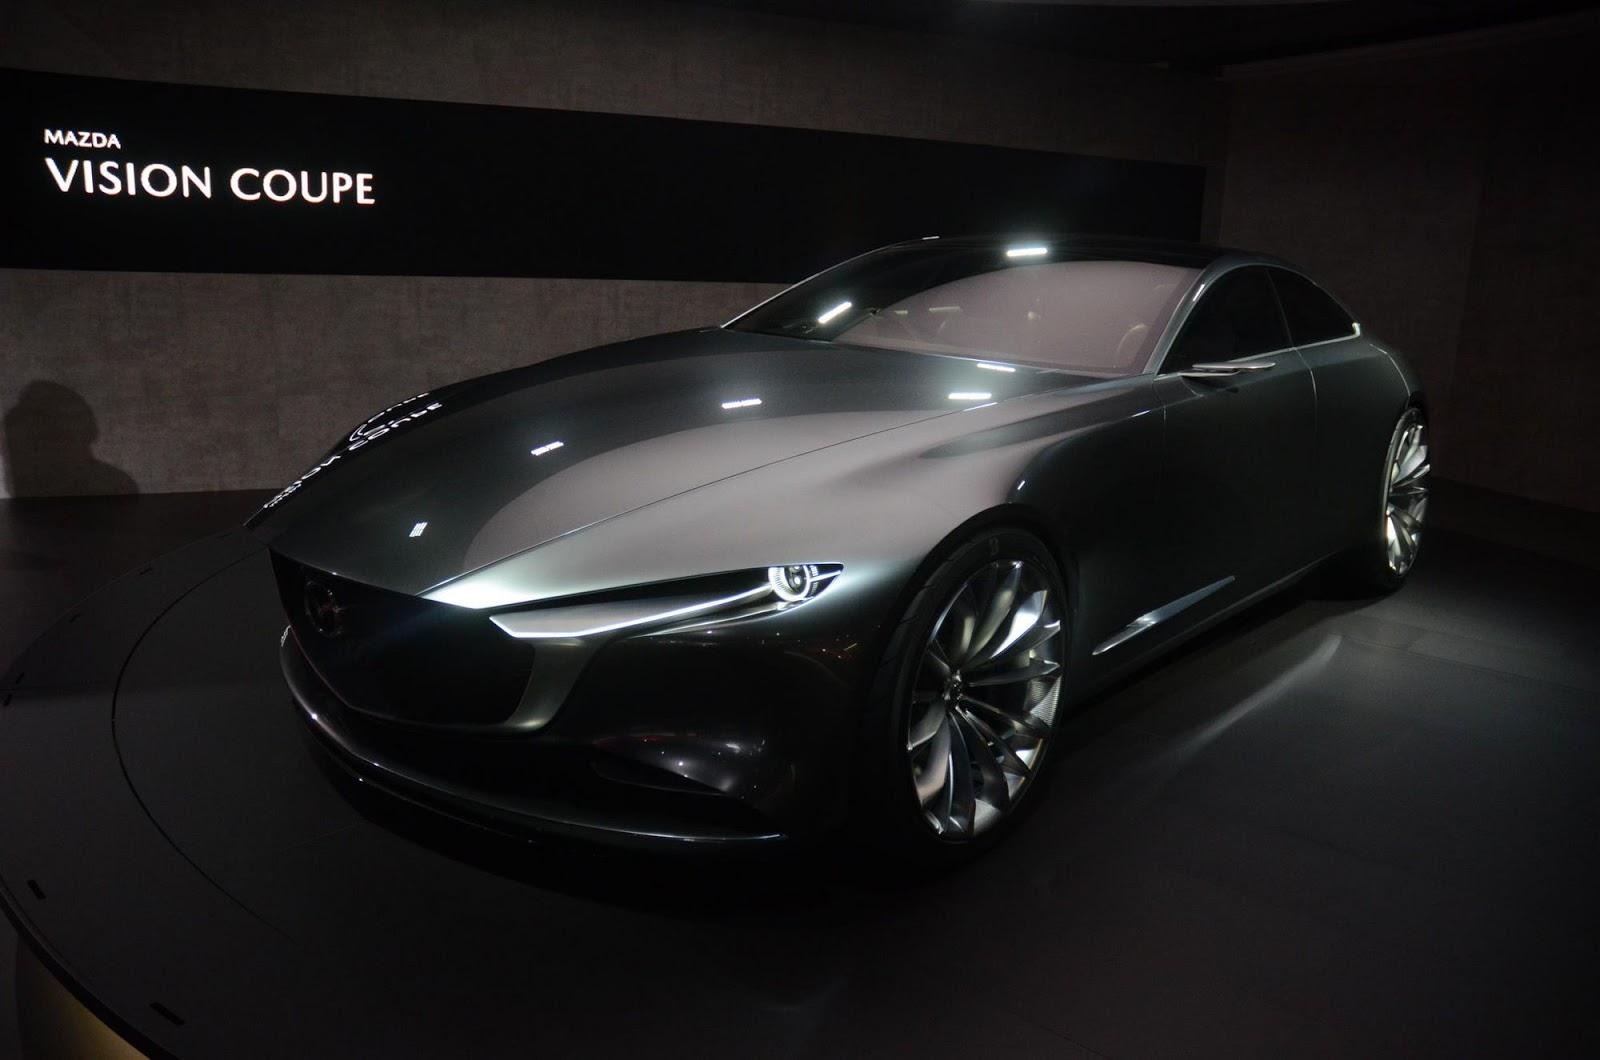 Mazda đang phát triển động cơ xăng và dầu 6 động cơ Skyactiv-X mới - 14